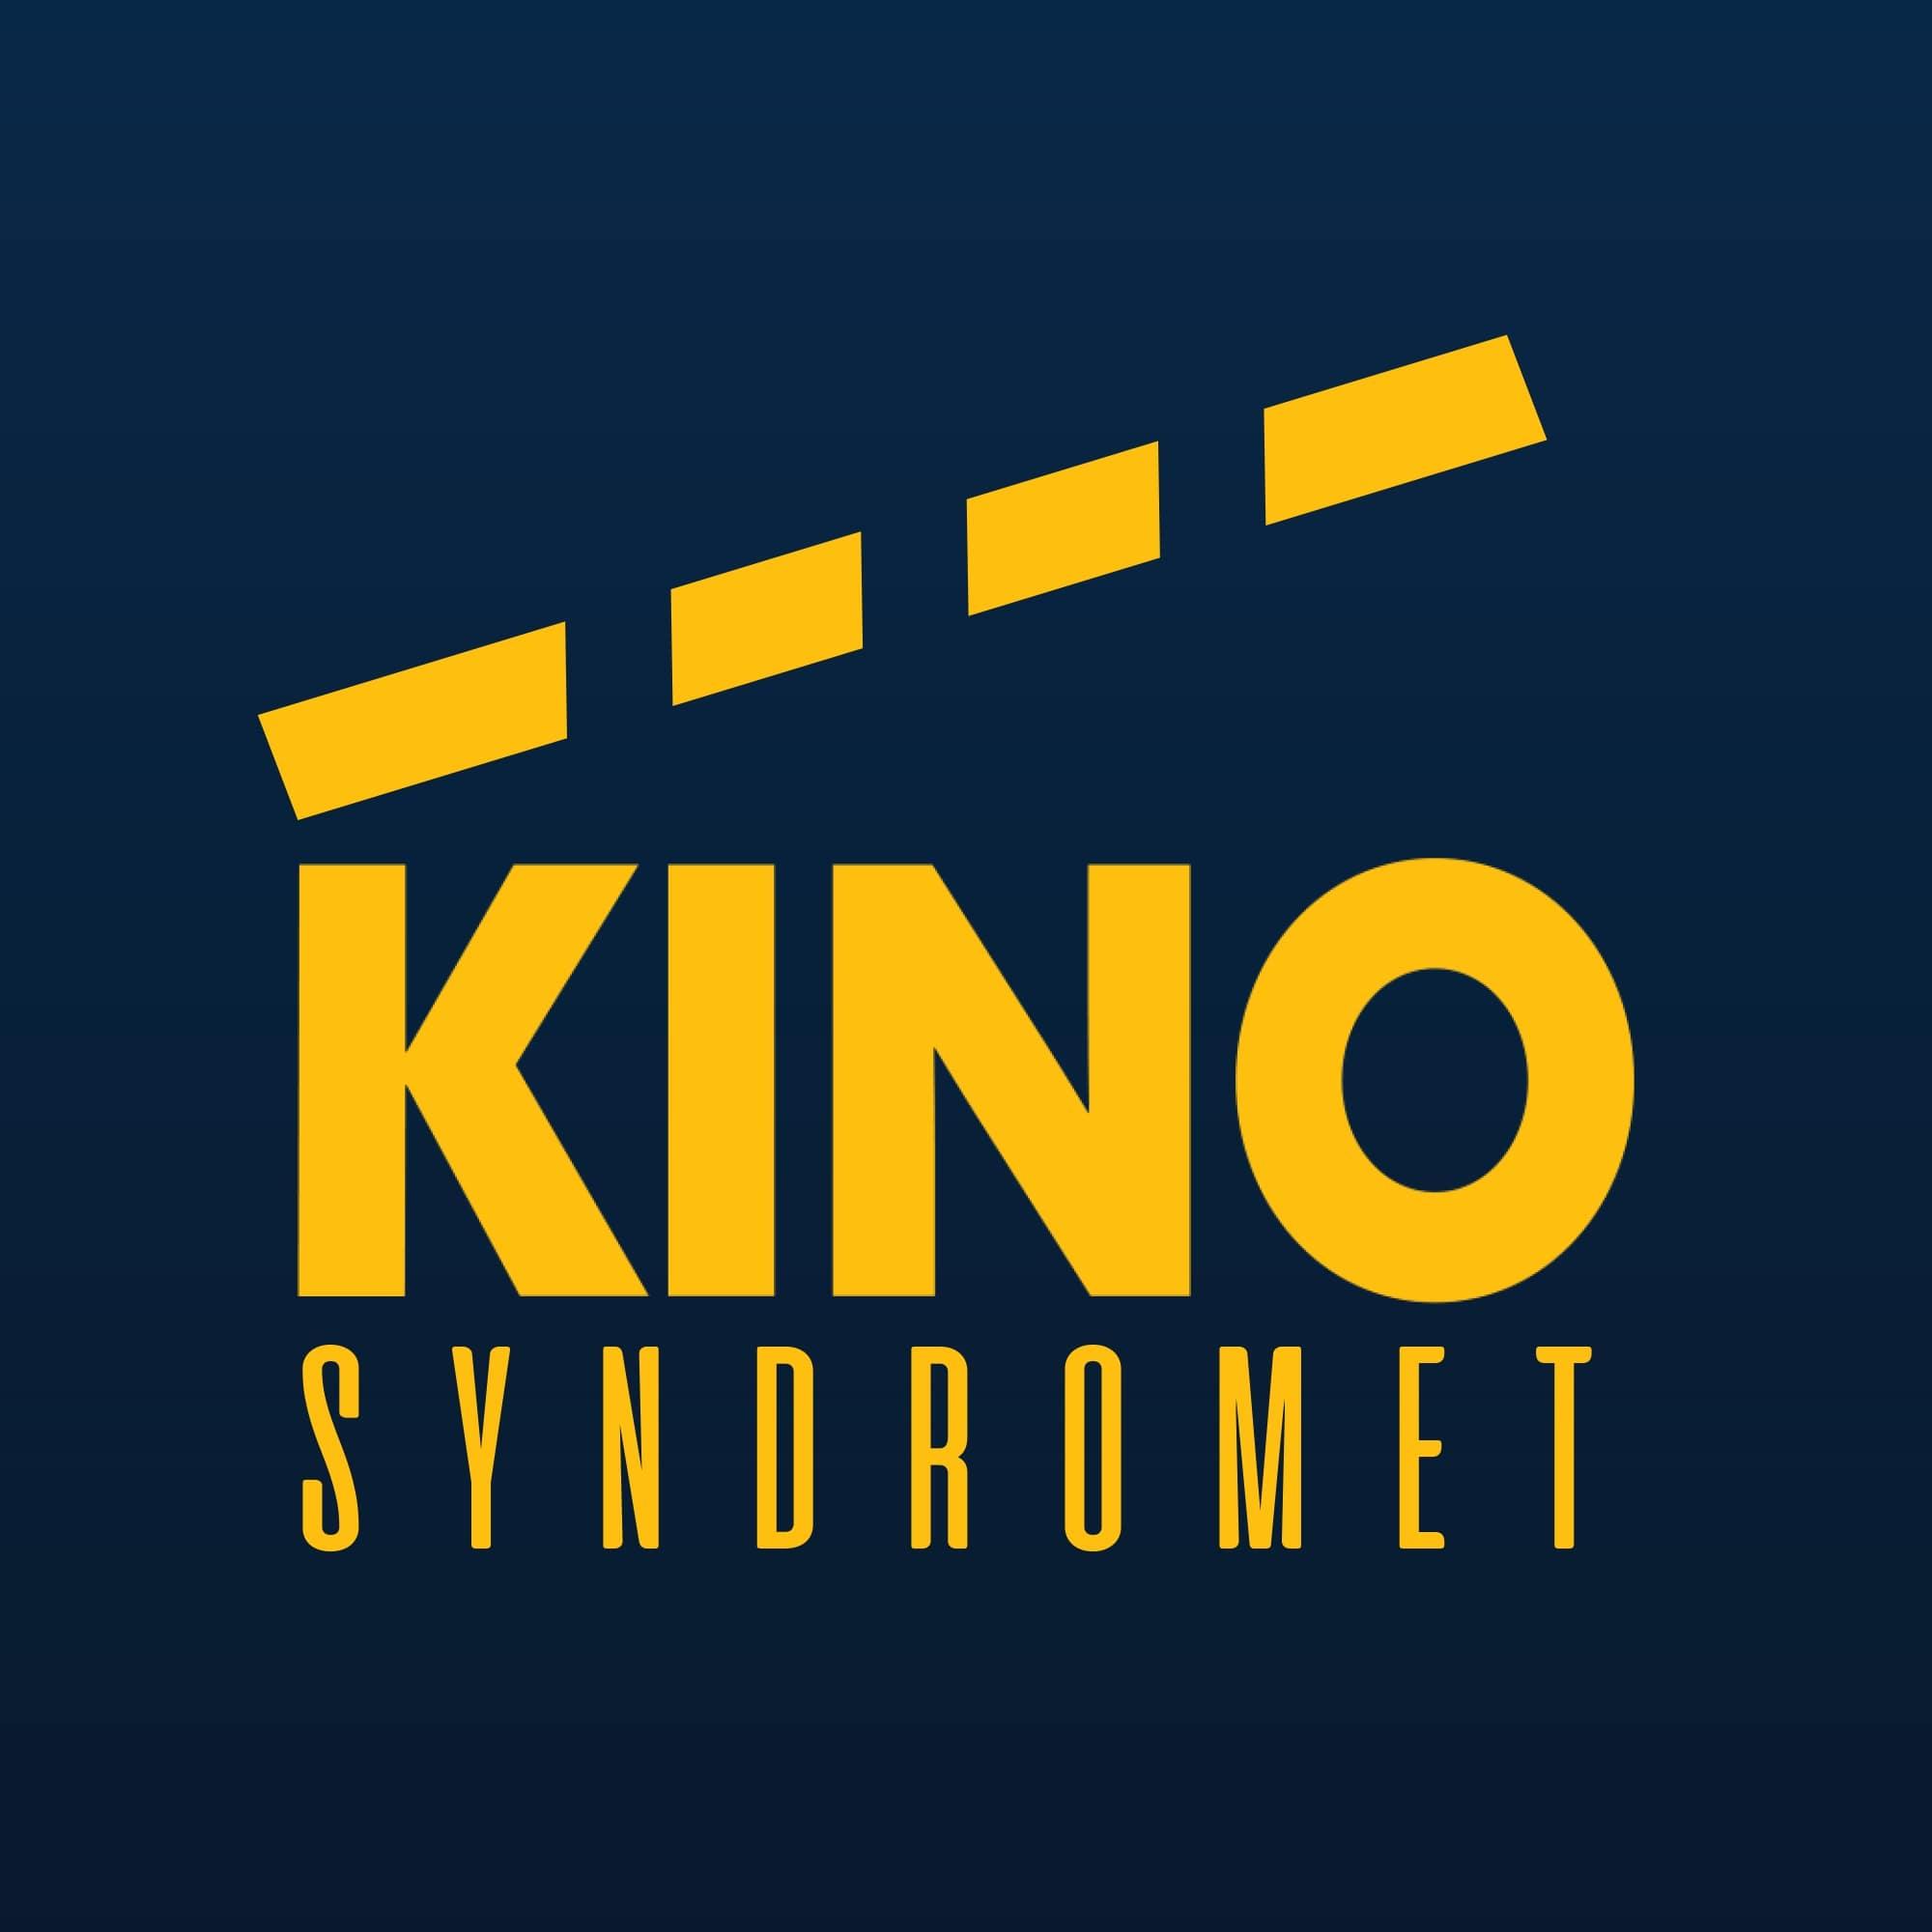 Kinosyndromet